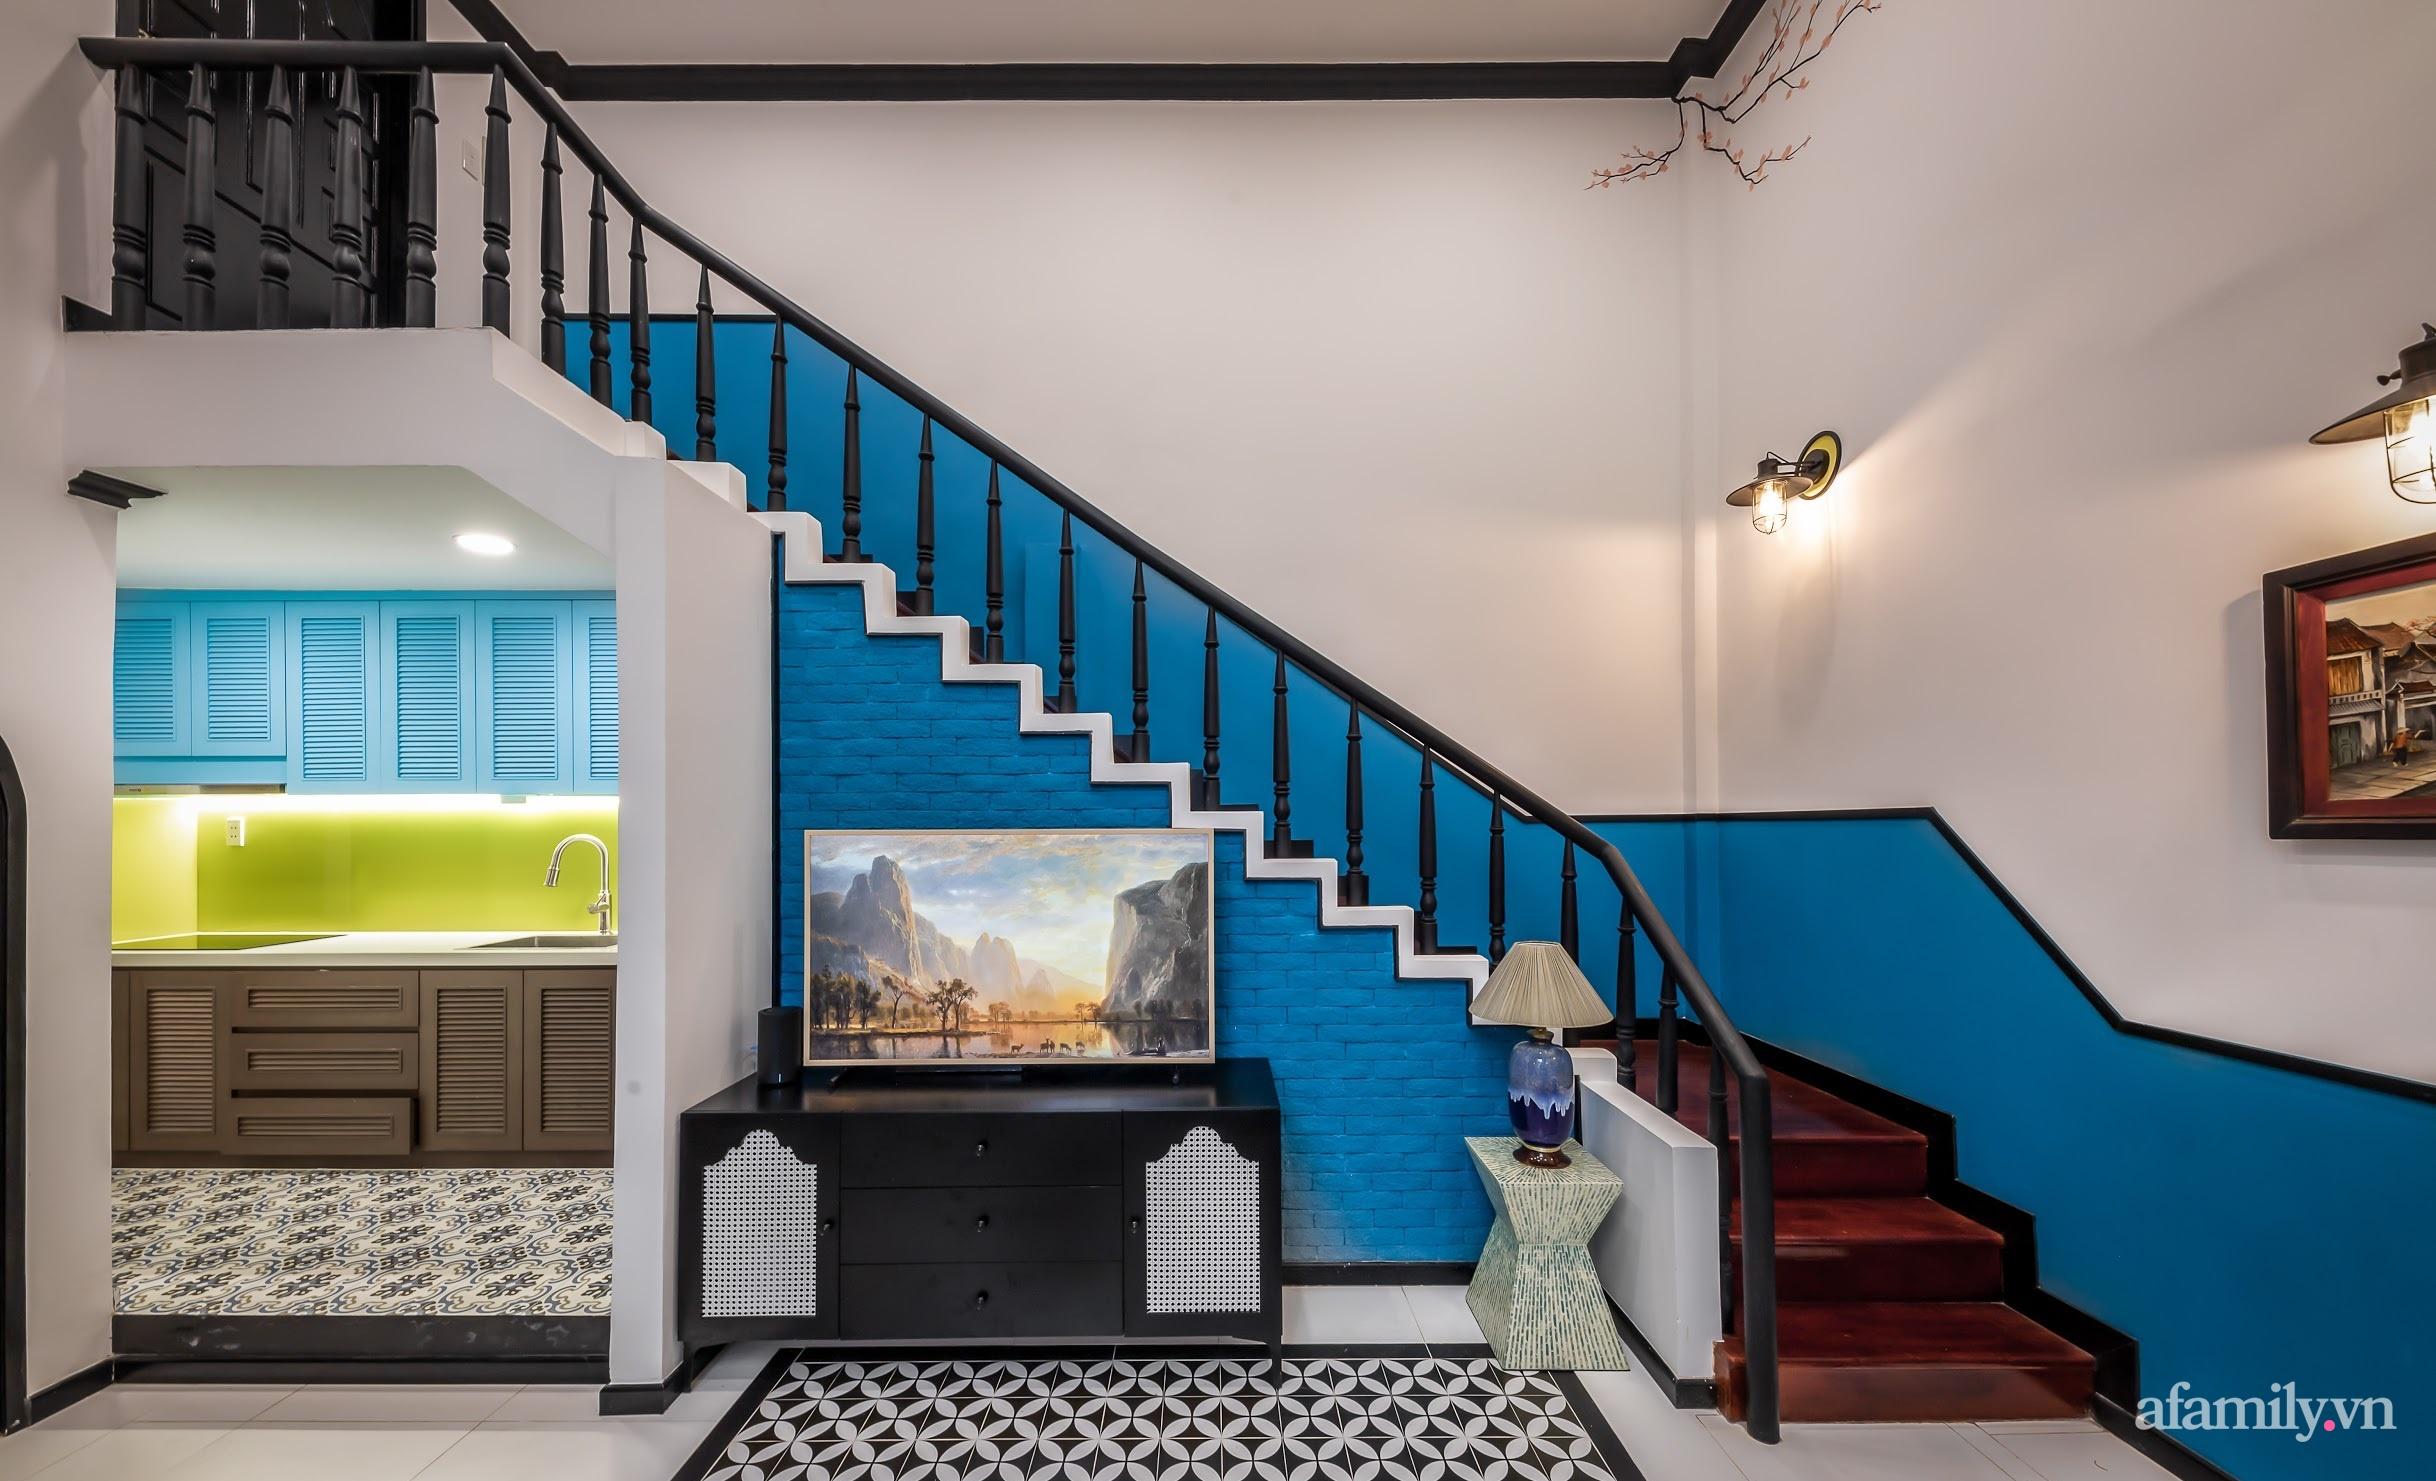 Cải tạo căn hộ tập thể 85m² thành không gian phảng phất vẻ đẹp Đông Dương với chi phí 700 triệu đồng ở Sài Gòn - Ảnh 8.